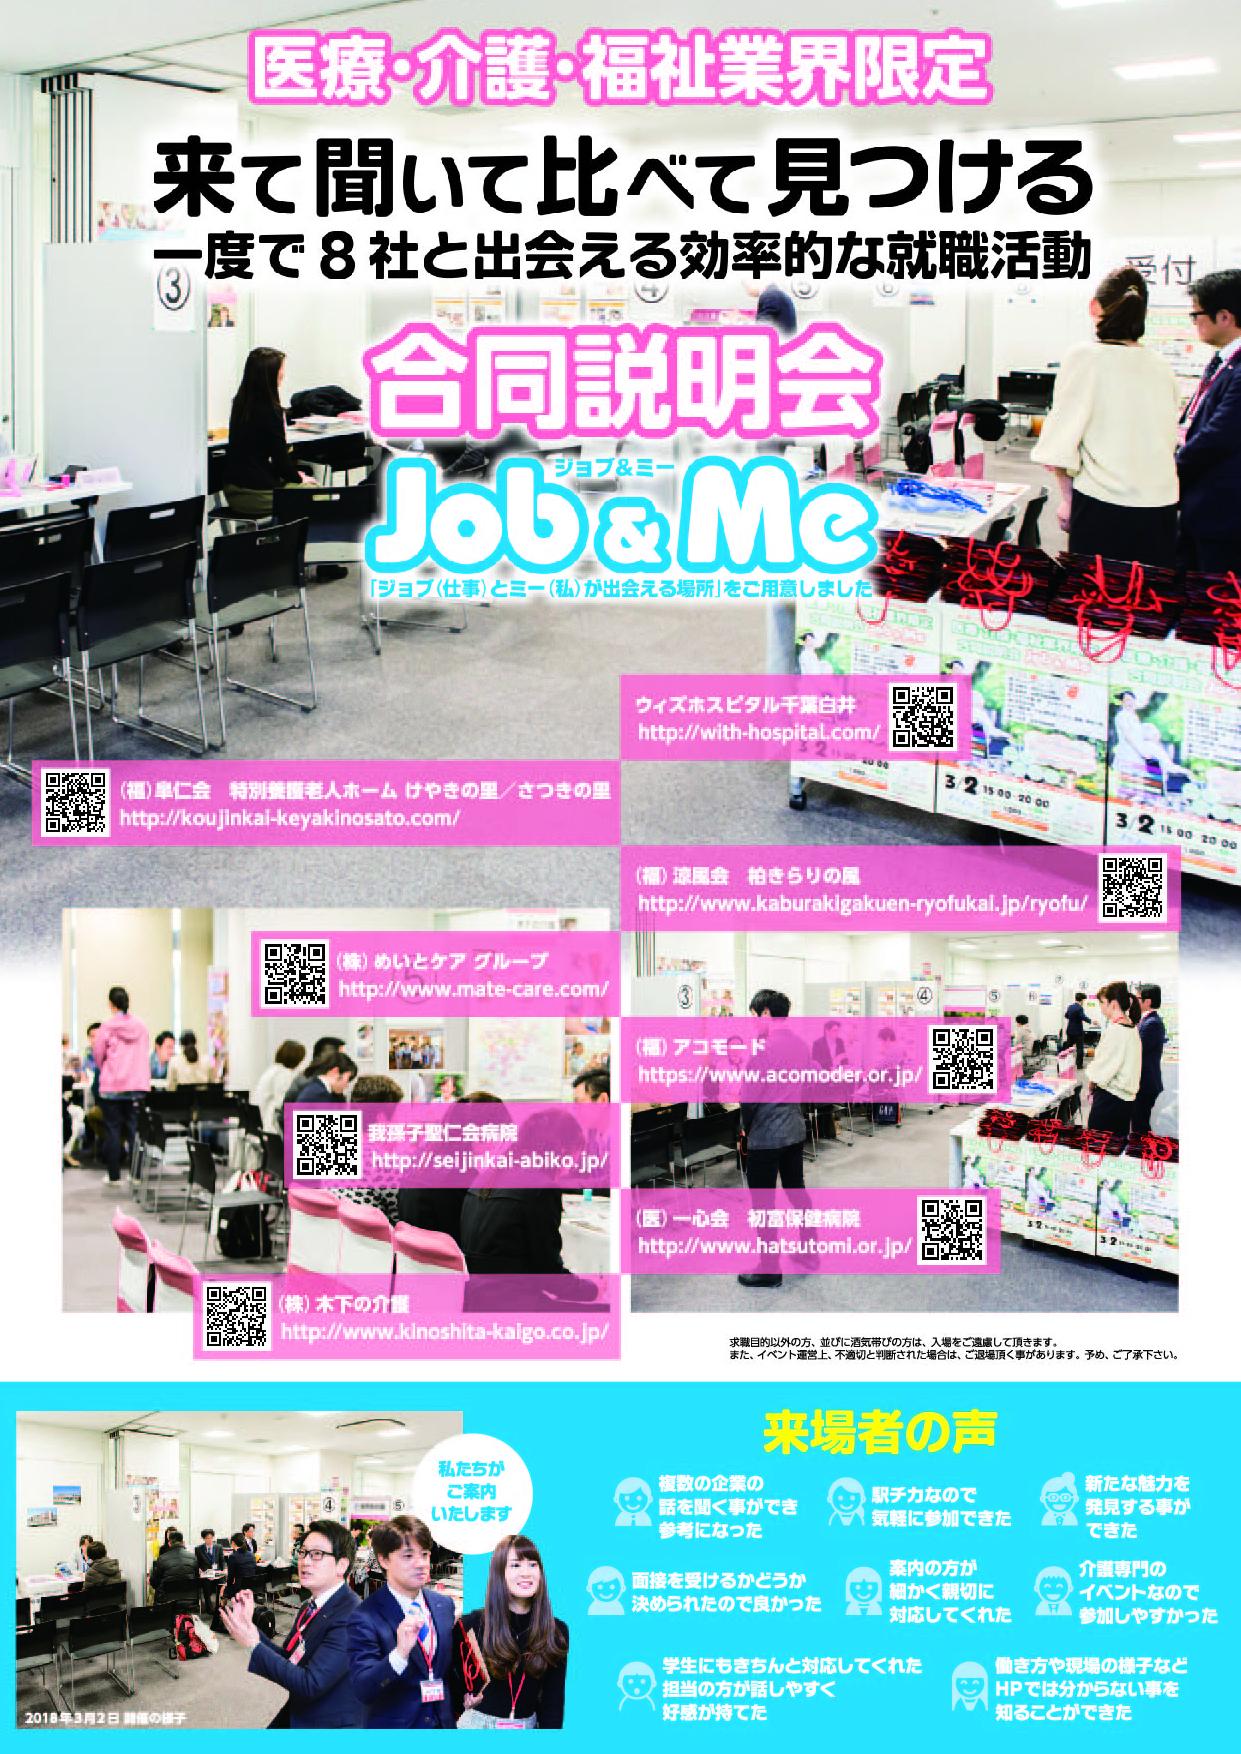 医療介護福祉業界合同説明会Job&Me【ジョブ アンド ミー】